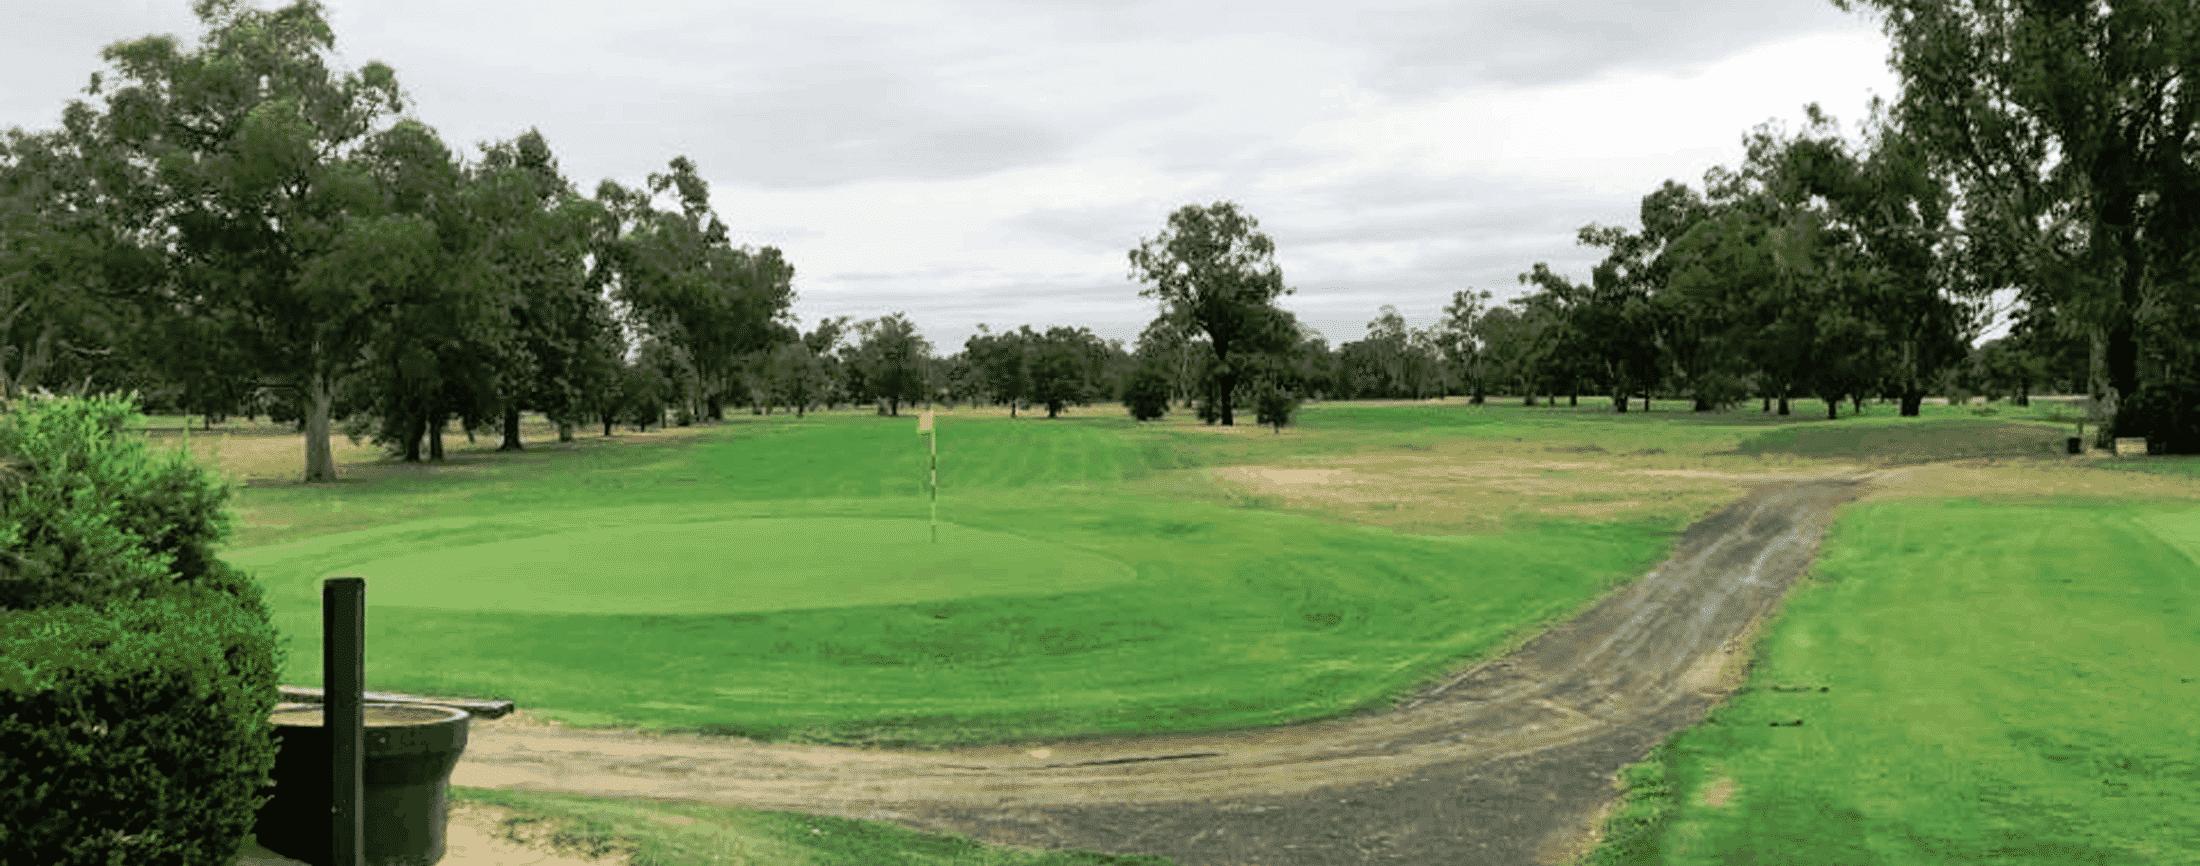 Narrabri Golf Club